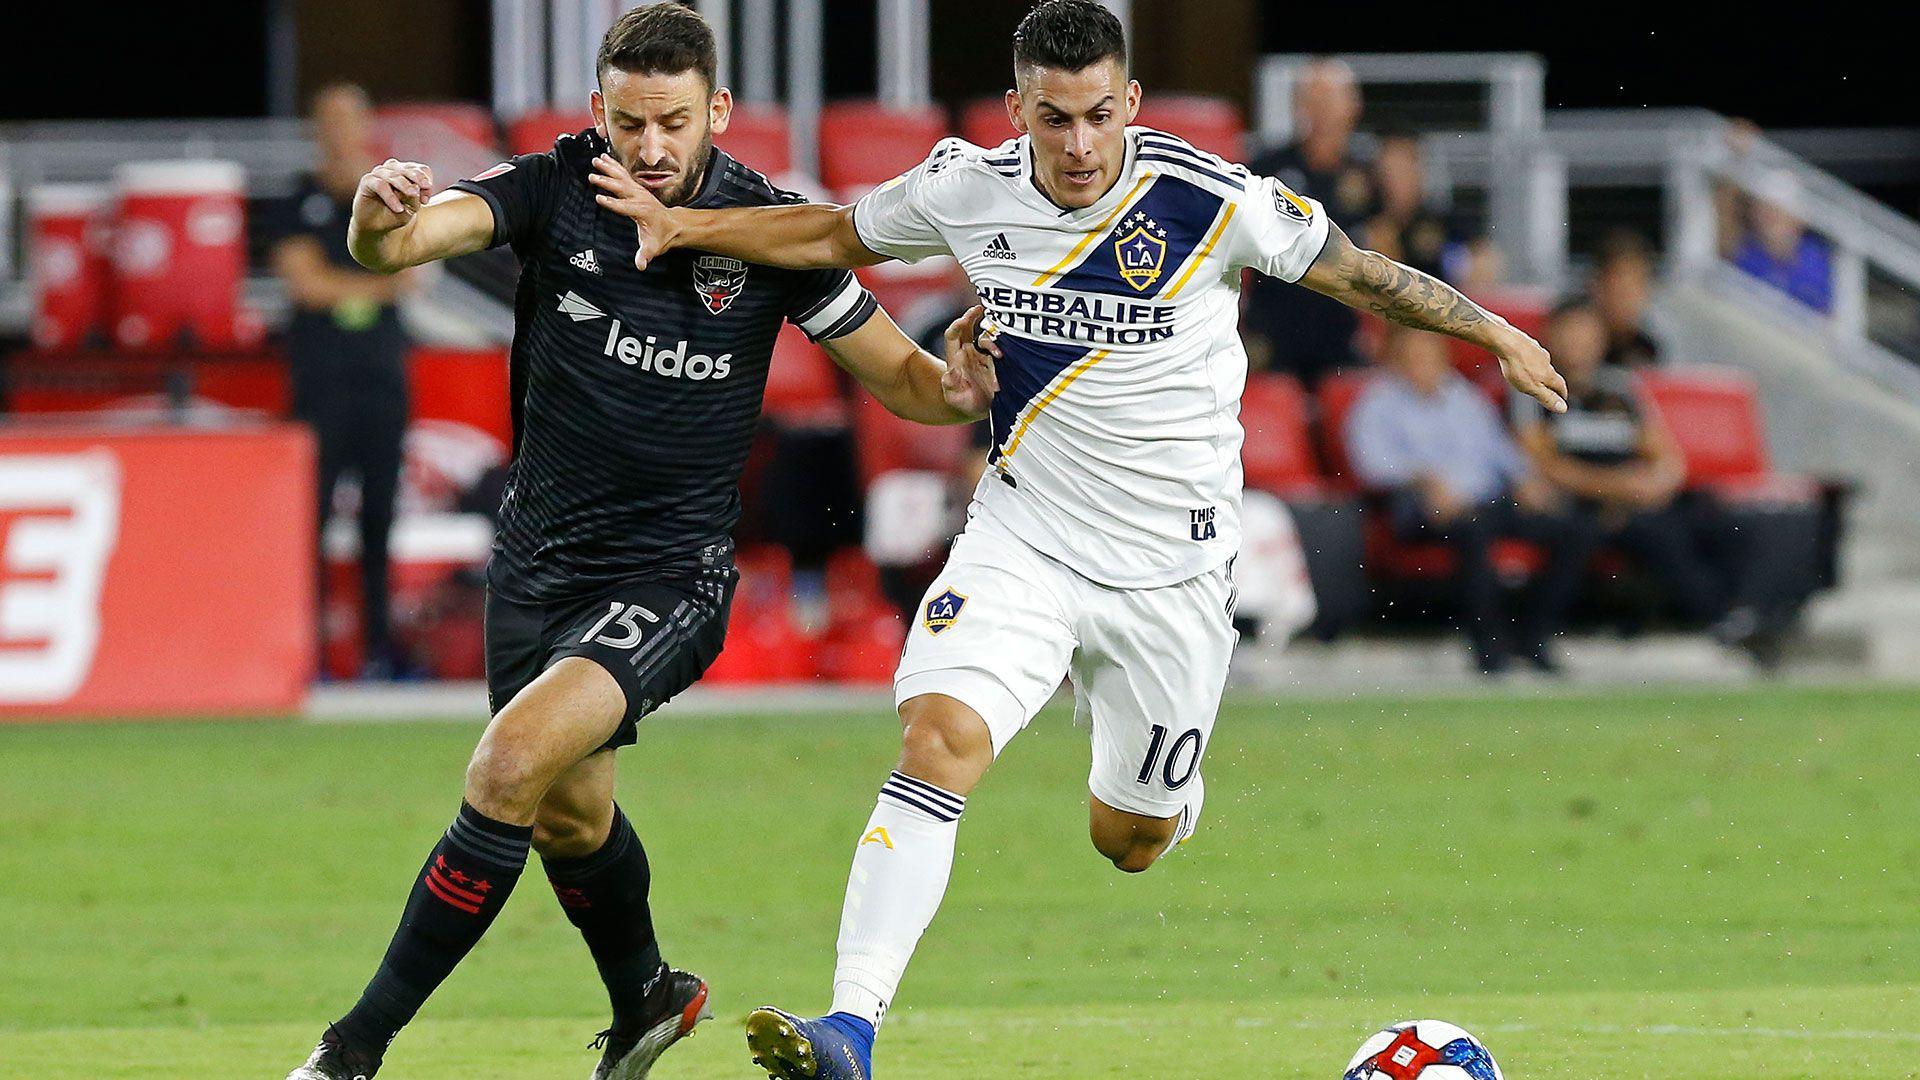 Pavón debutó en Los Ángeles Galax con una derrota (Reuters)